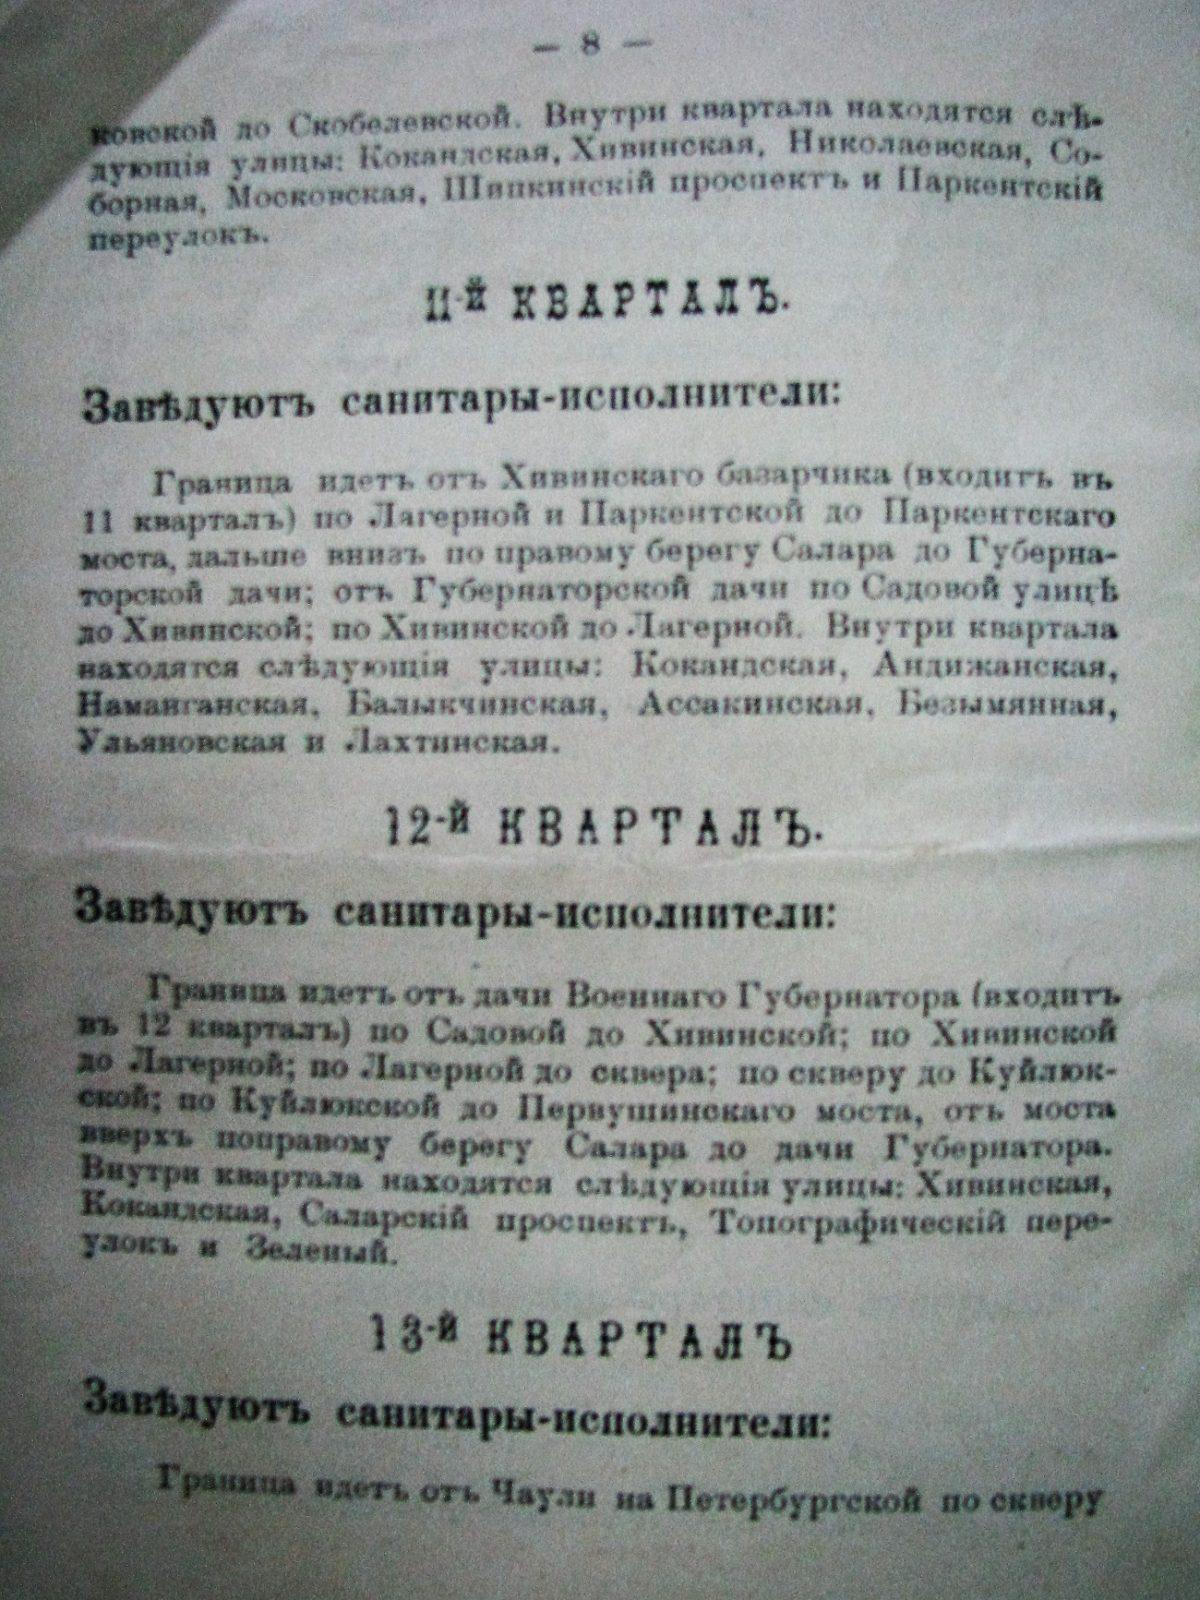 Ташкент_shosh (7)